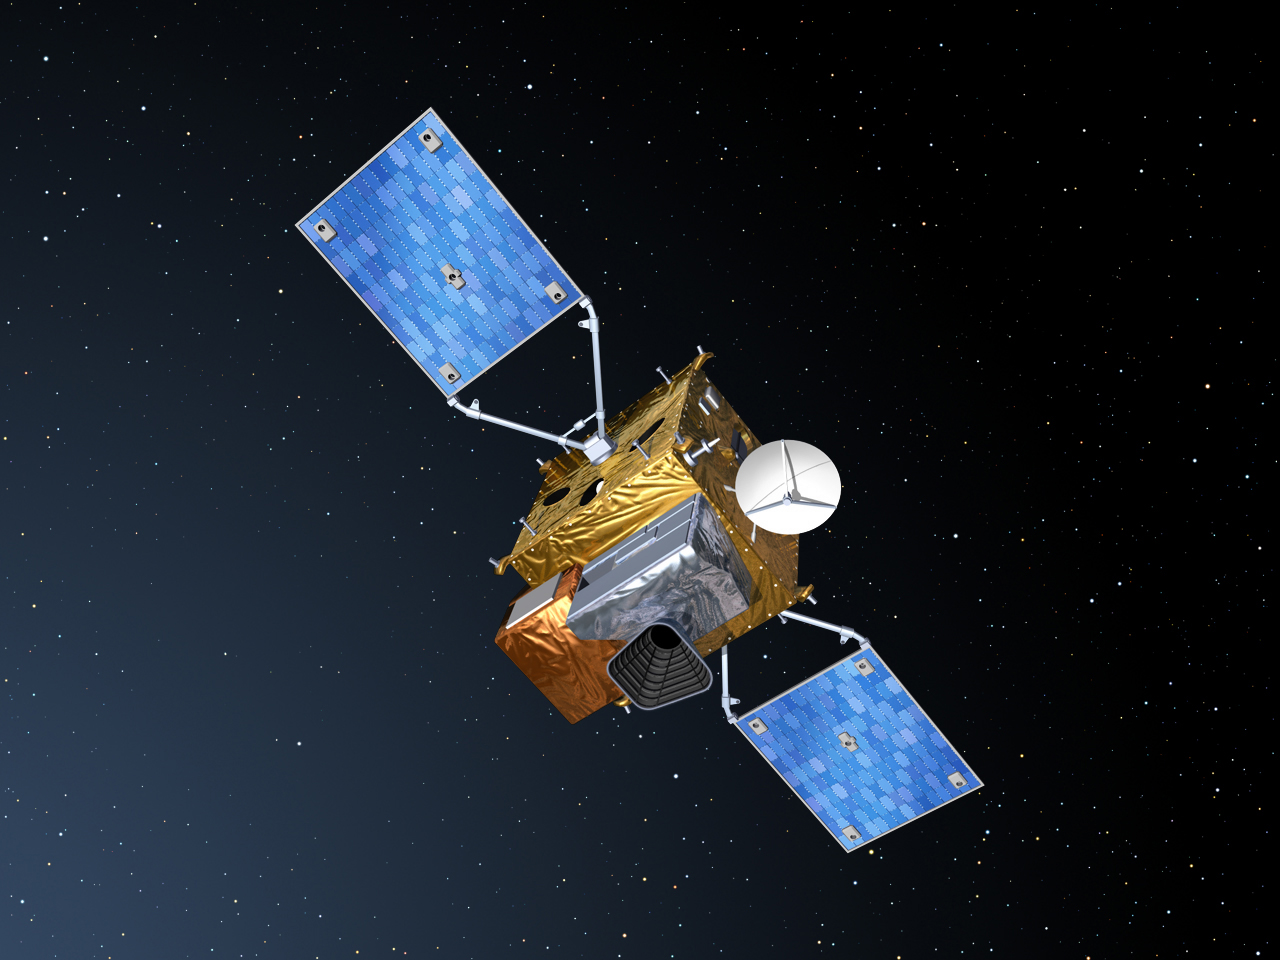 Identická dvojice spektrometrů Sentinel-4 bude do vesmíru dopravena na palubě meteorologických družic Meteosat třetí generace. I zde se české firmy podílely svými technologiemi